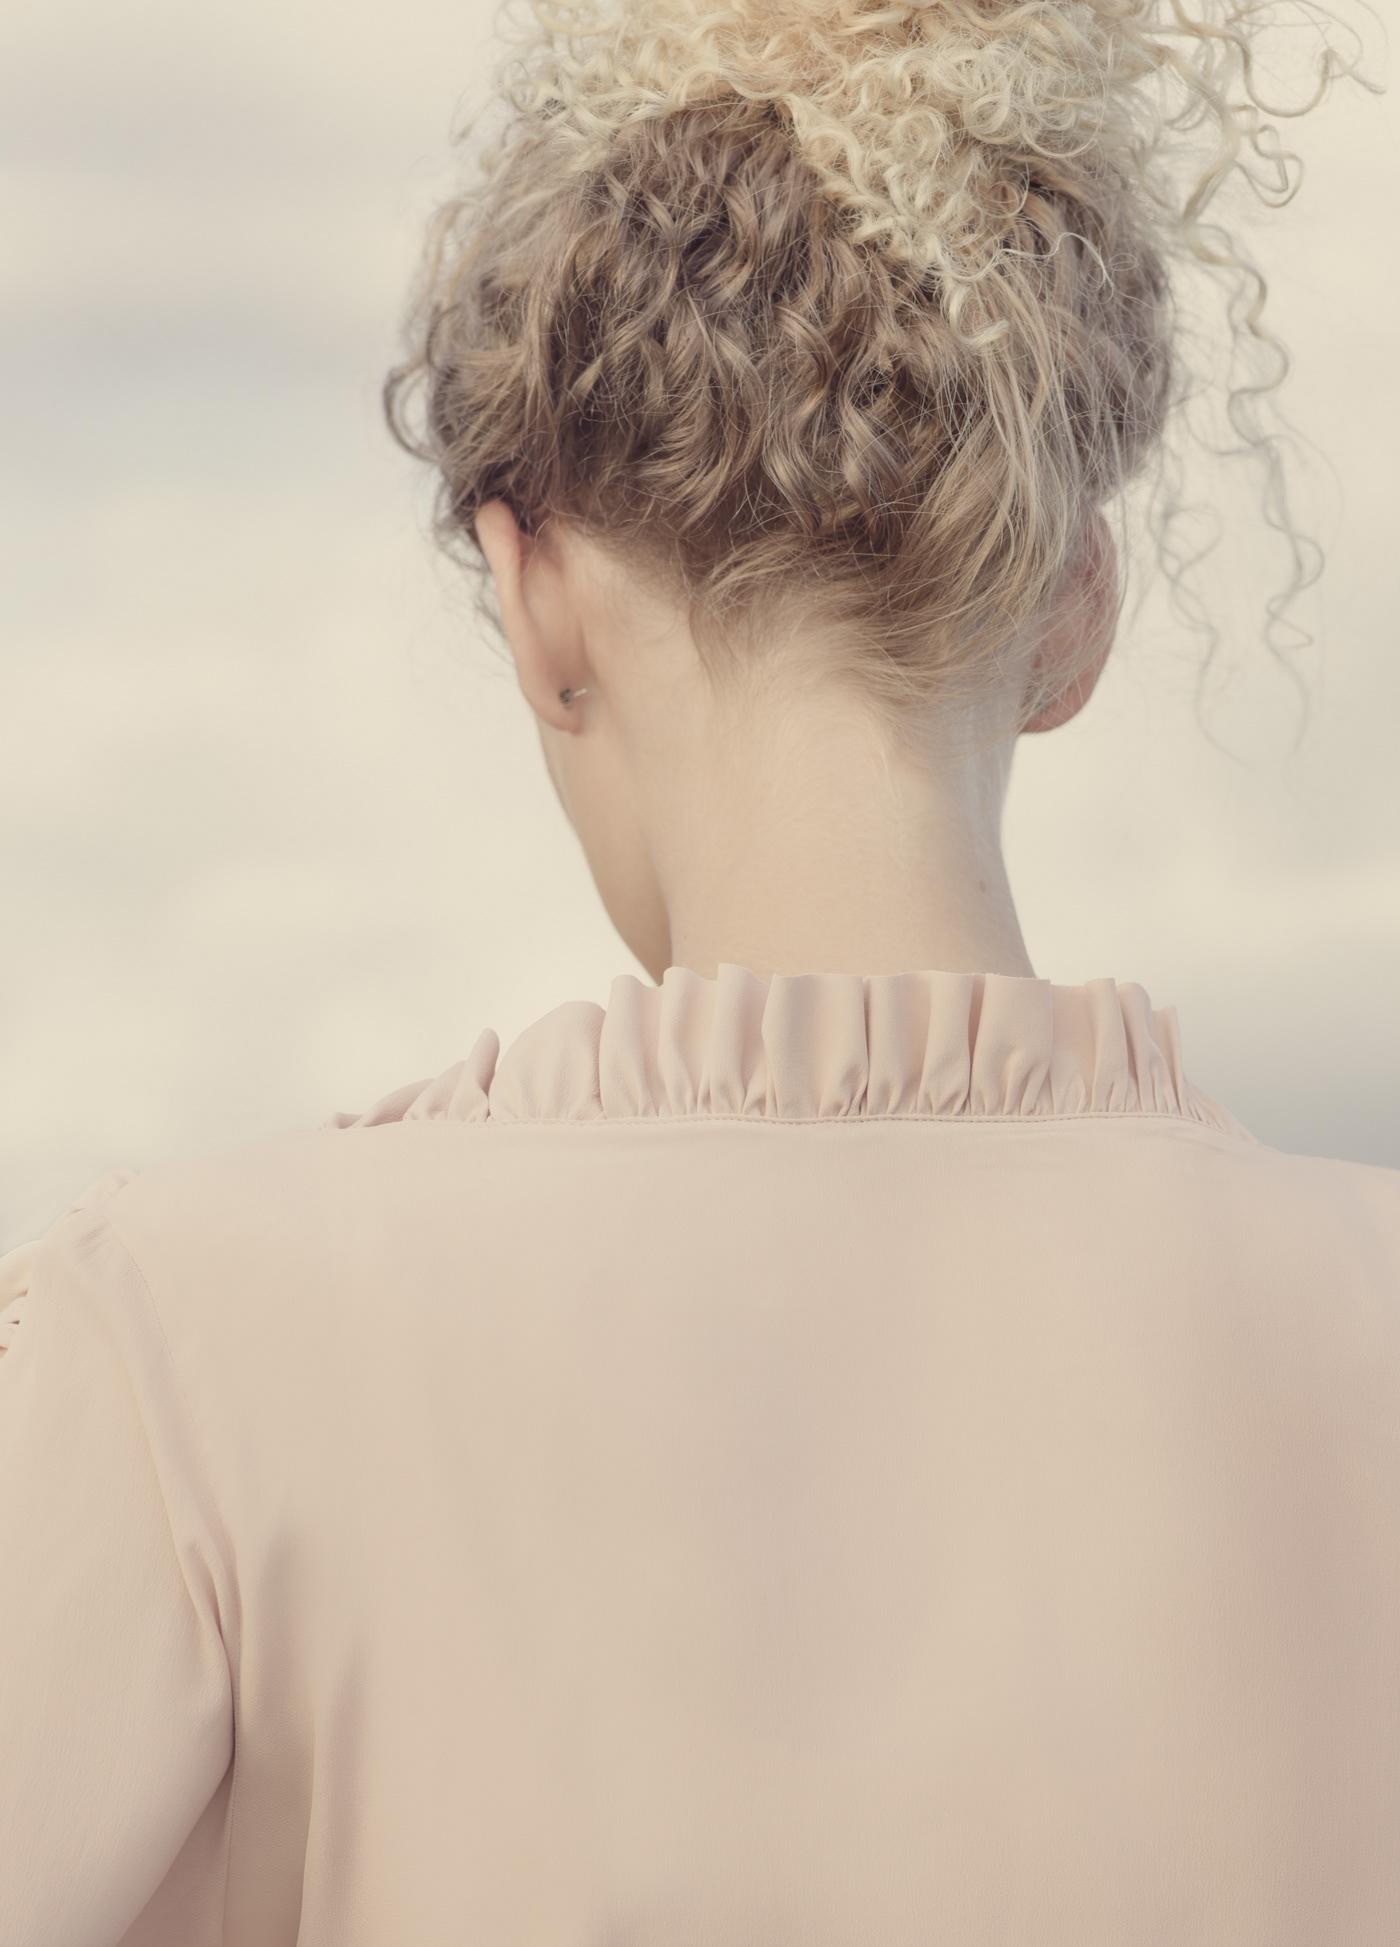 Valérie Vialo в фотосессии L'AIR DU TEMPS / фото Elena Iv-skaya